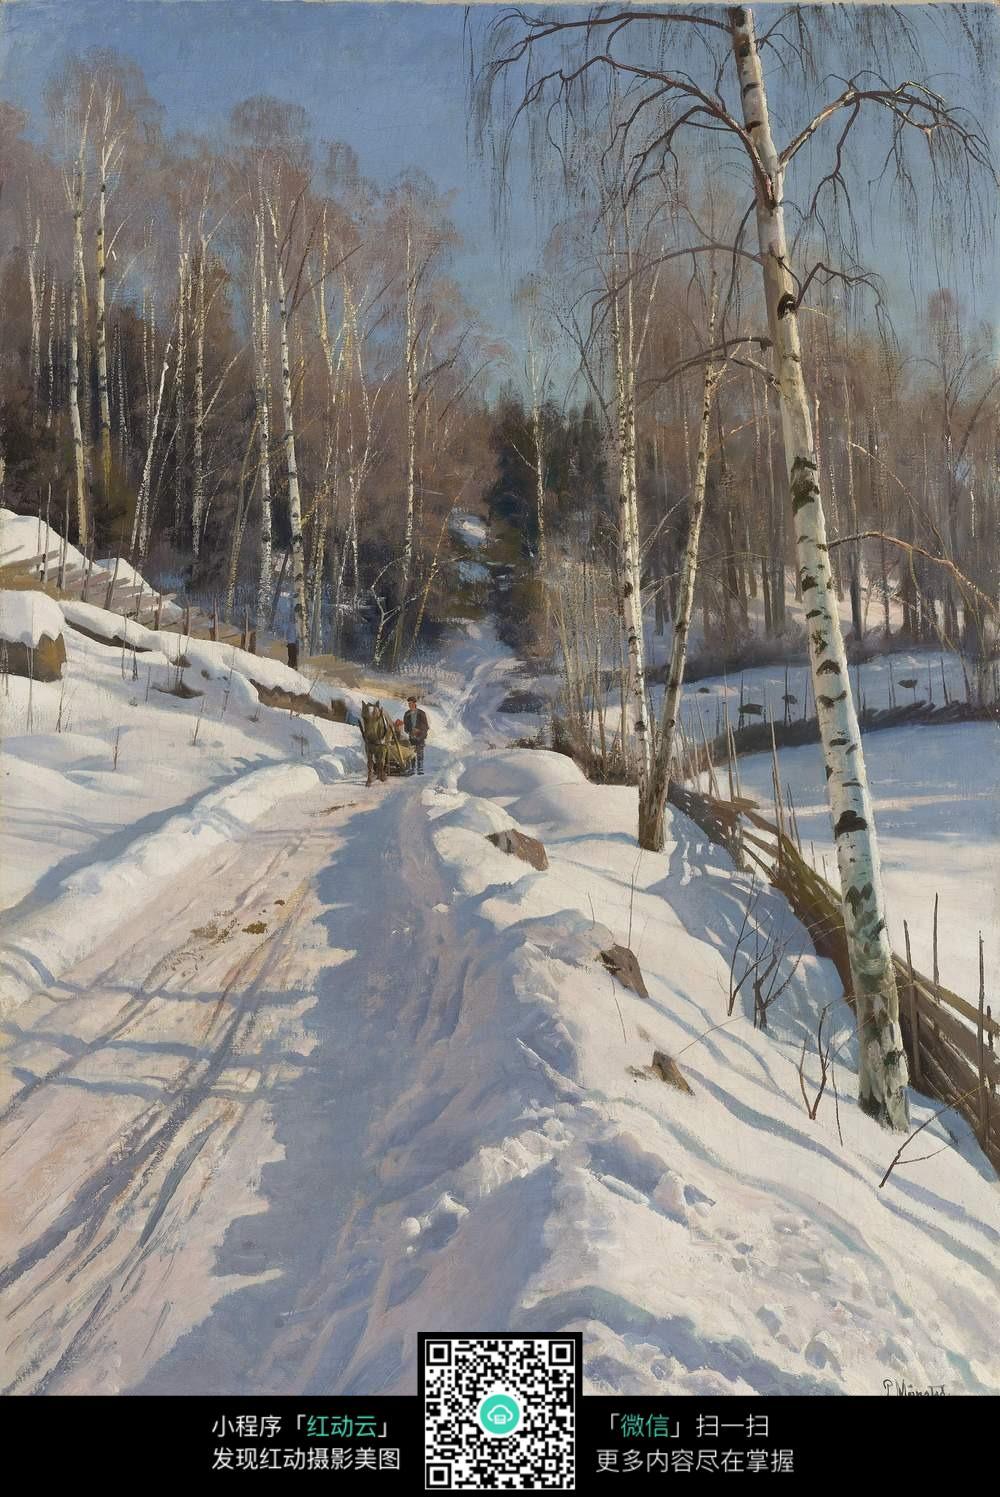 雪地上赶马车的男人图片